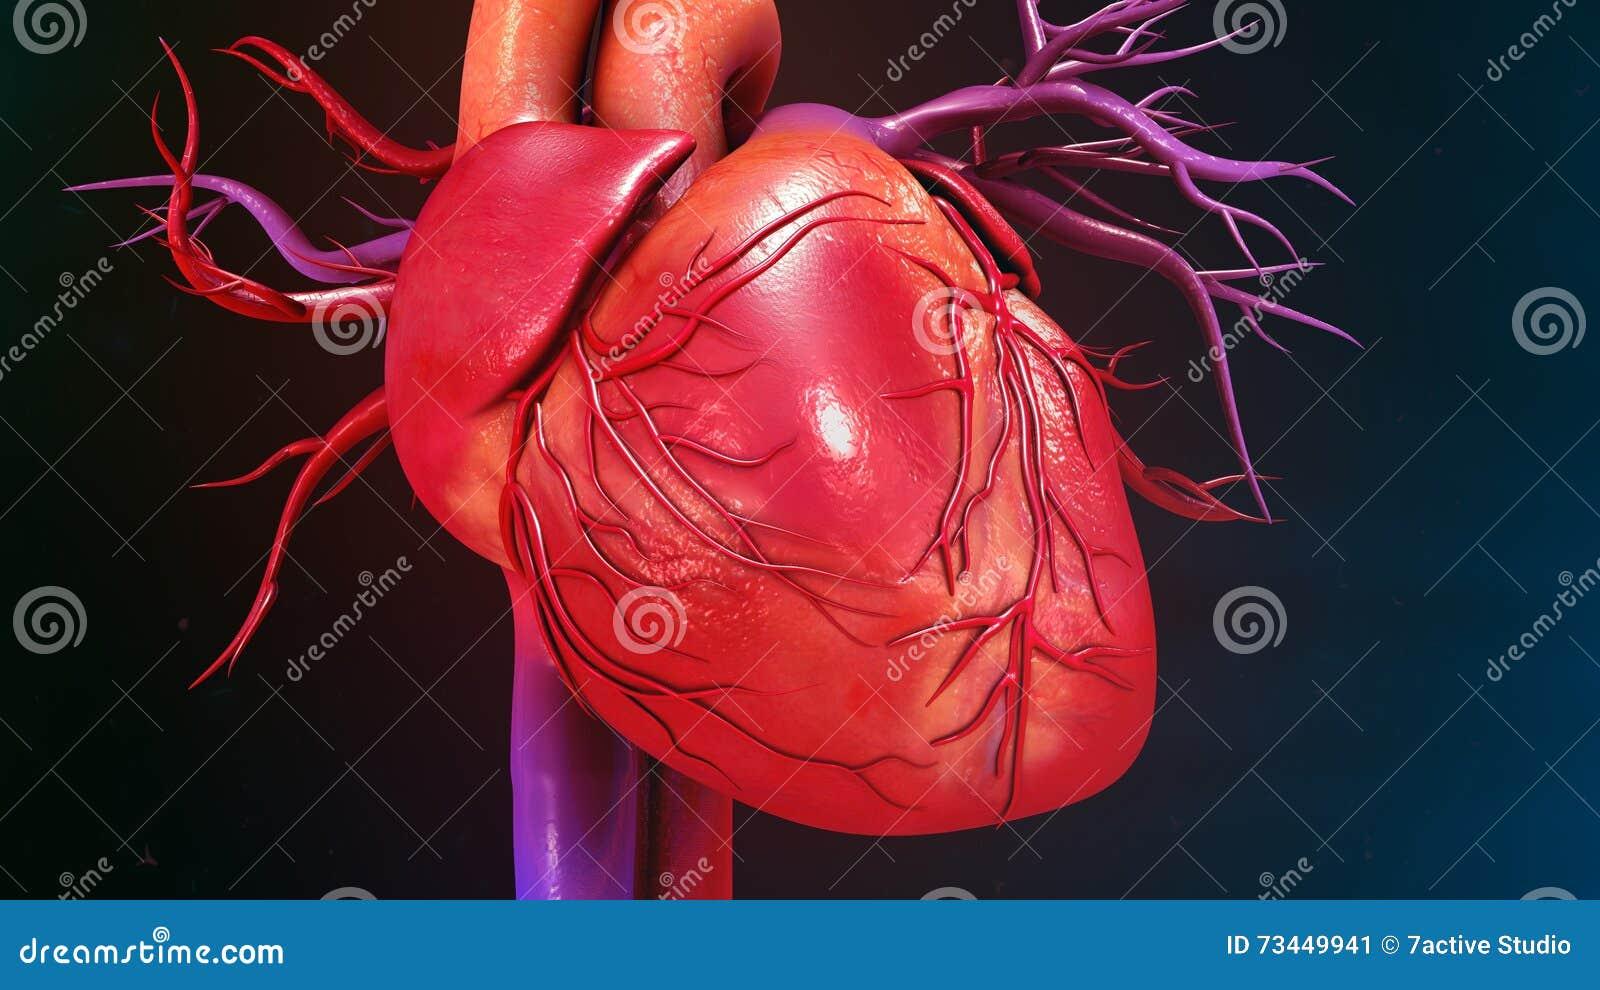 Menschliches Herz stockbild. Bild von karotis, druck - 73449941